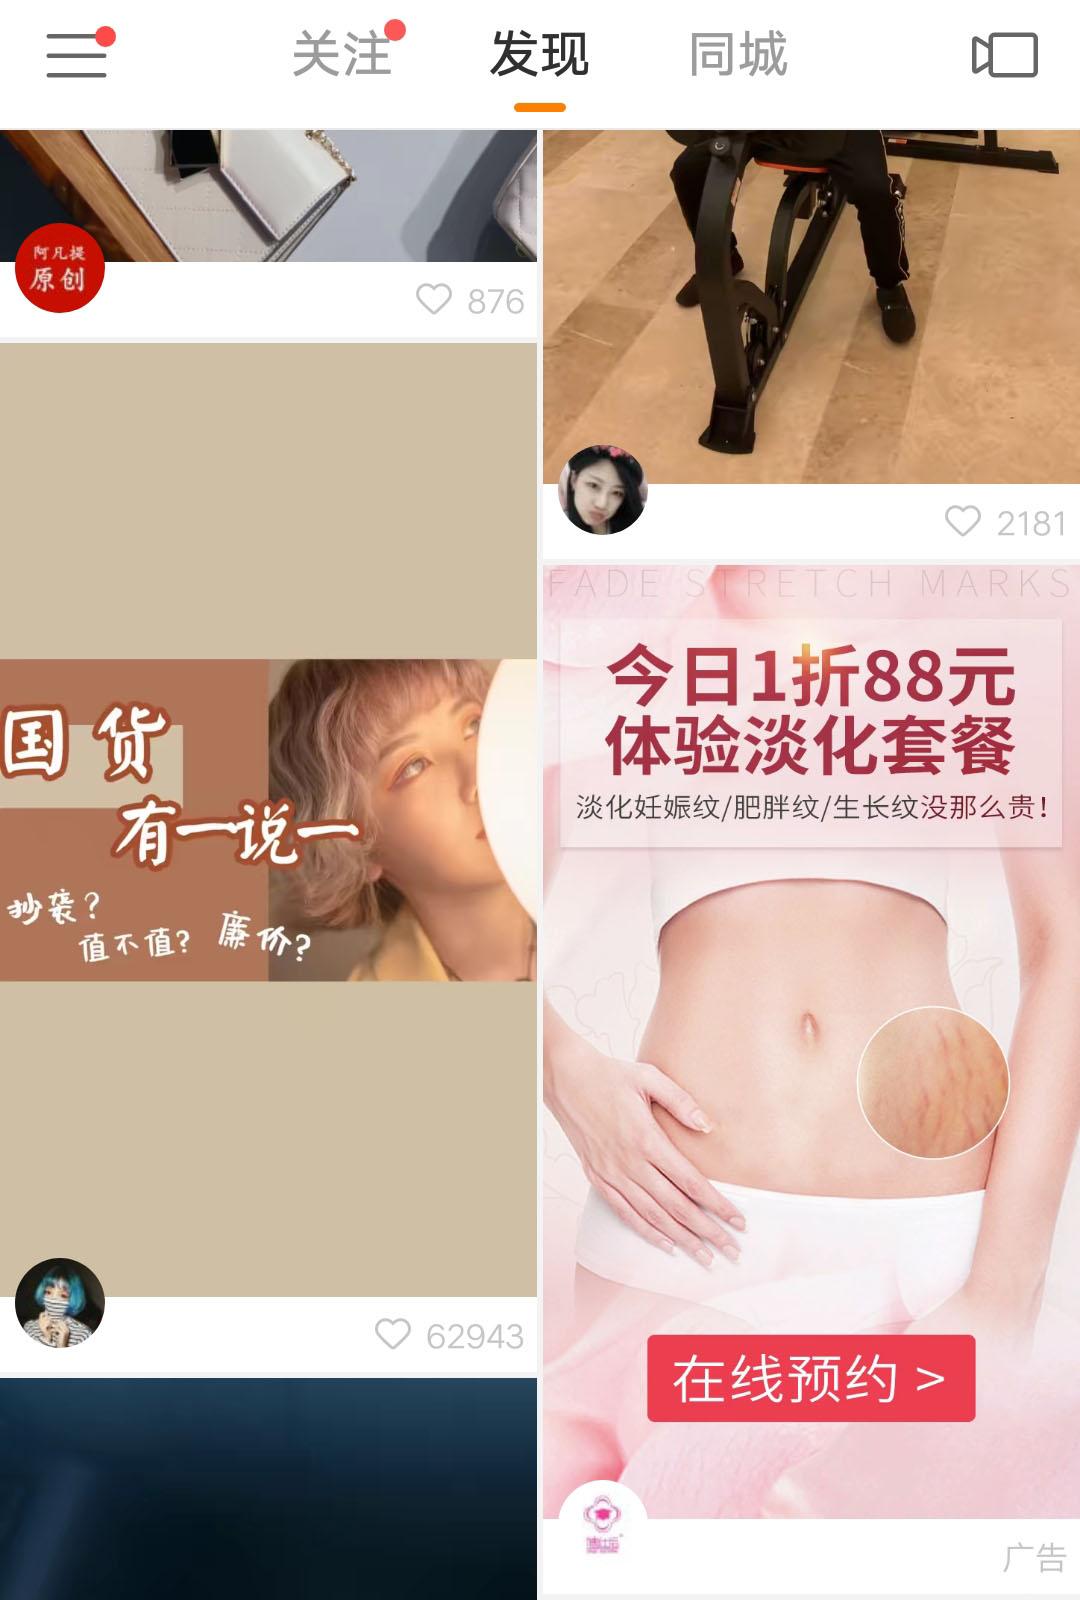 妊娠纹修复中心怎么在快手投放广告?效果怎么样?